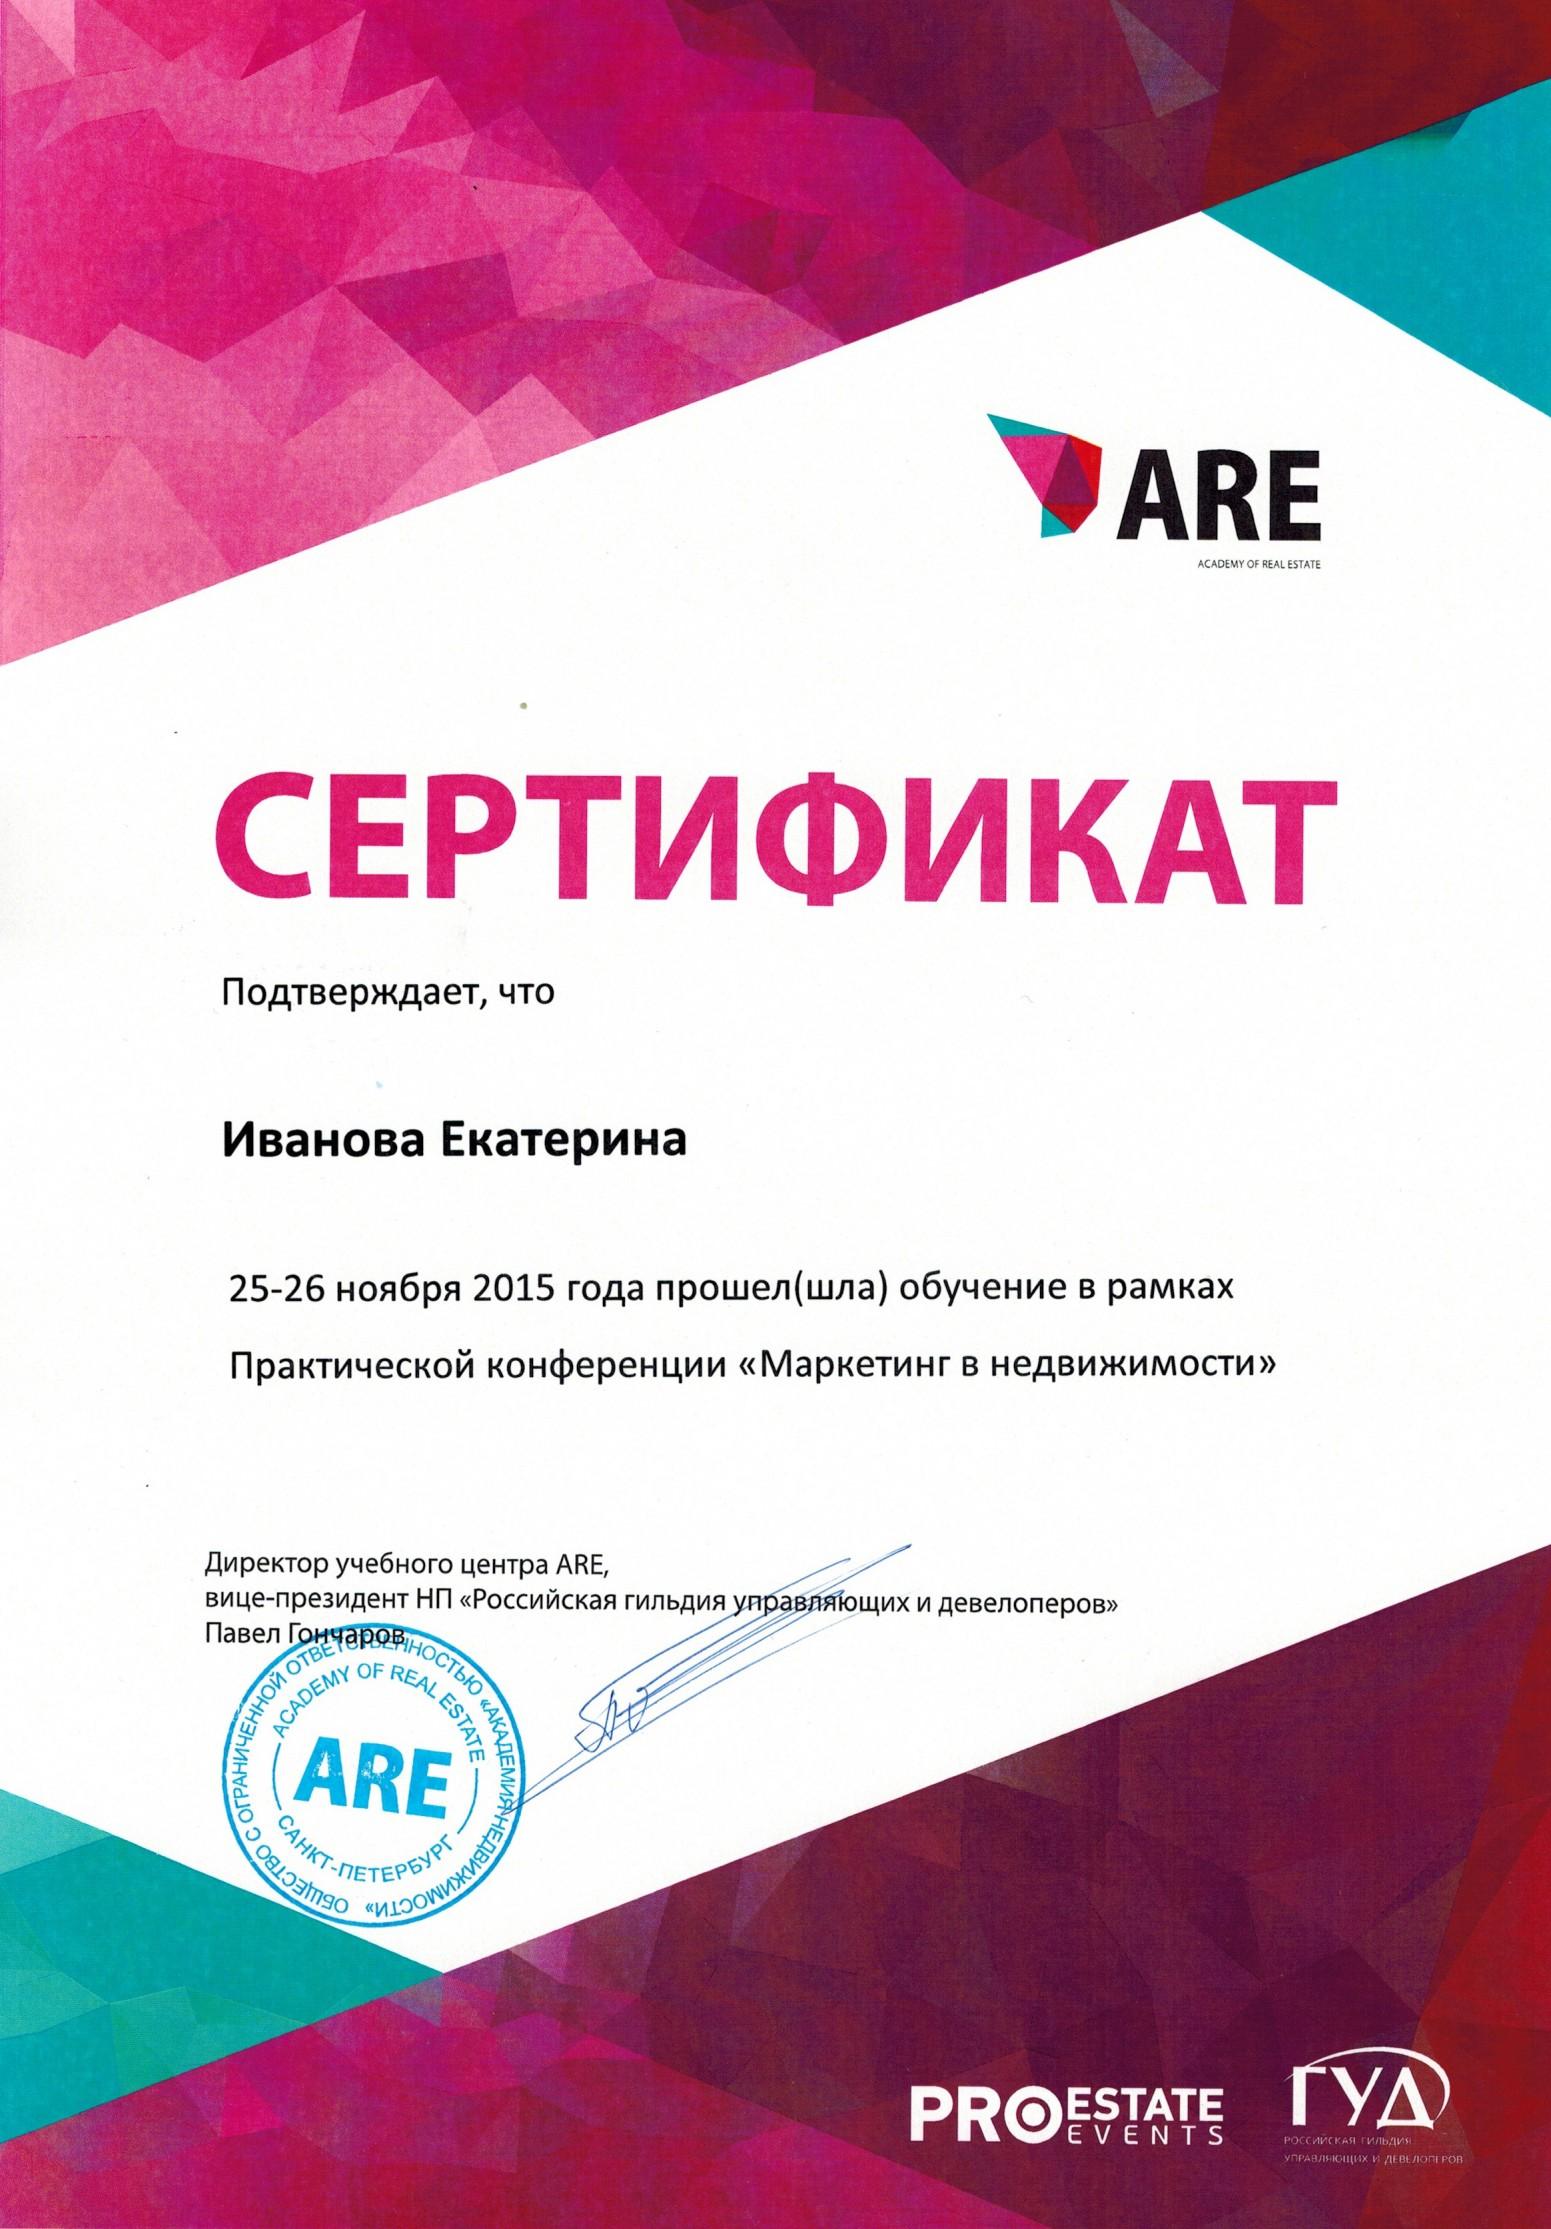 сертификат_Катя_маркетинг